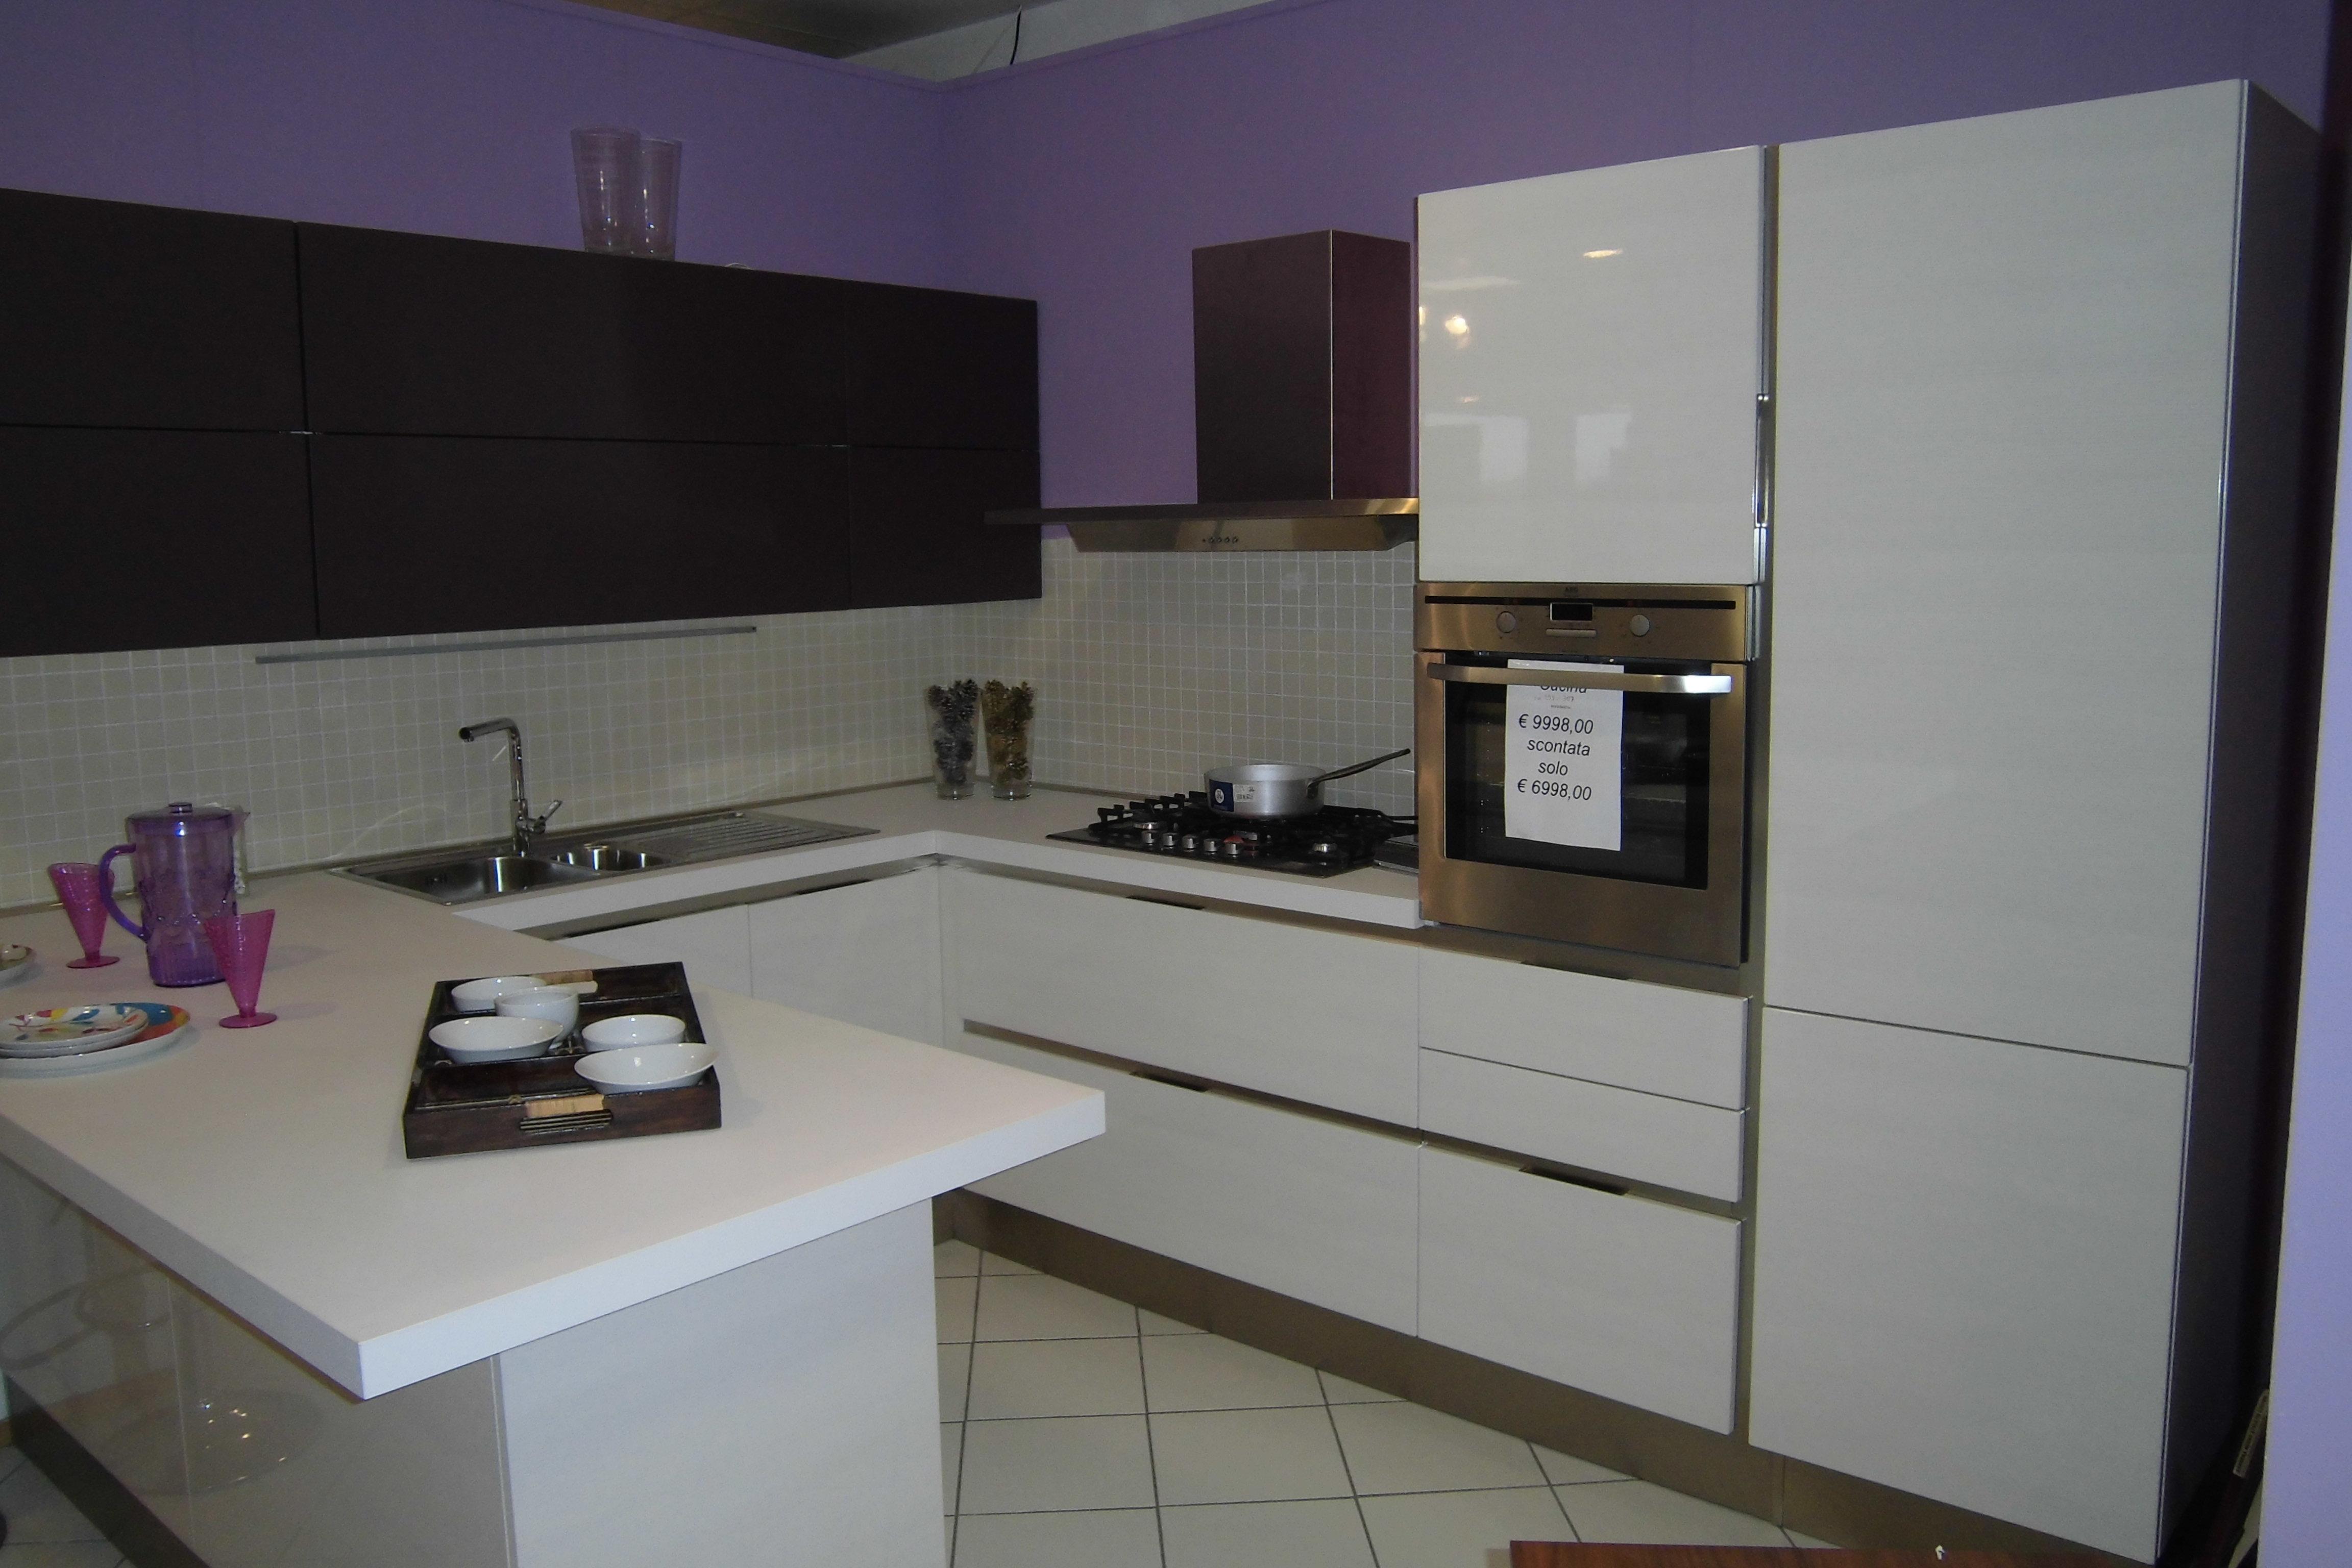 CARRERA GO VENETA CUCINE Cucine A Prezzi Scontati #4B415E 4608 3072 Cucine Veneta A Palermo